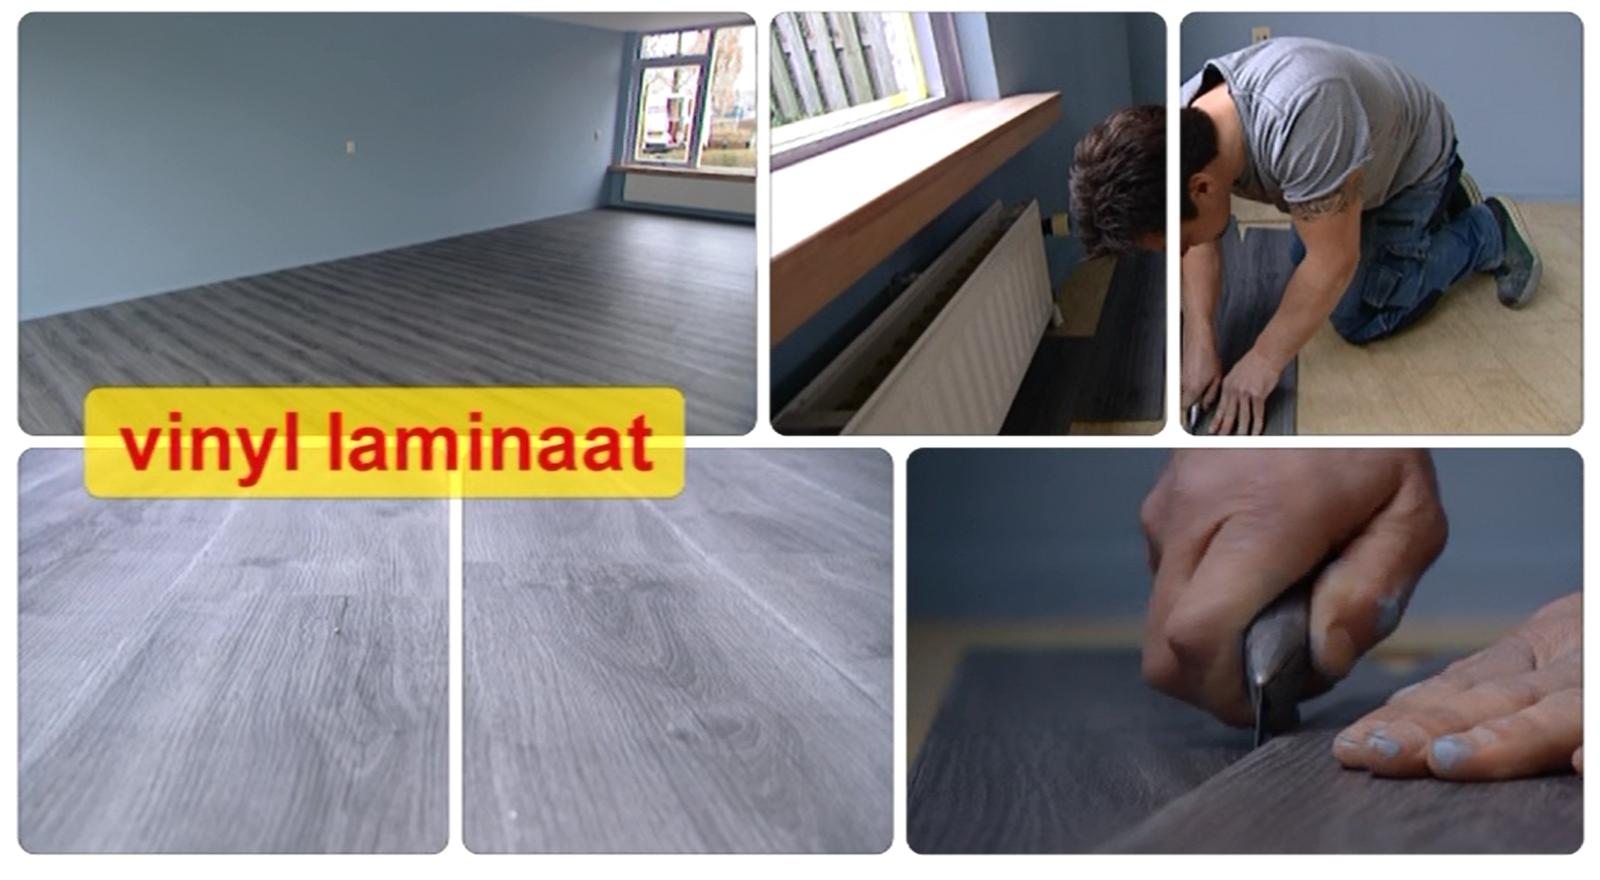 Laminaat Badkamer Prijs : Klik vinyl laminaat leggen brico voor de makers